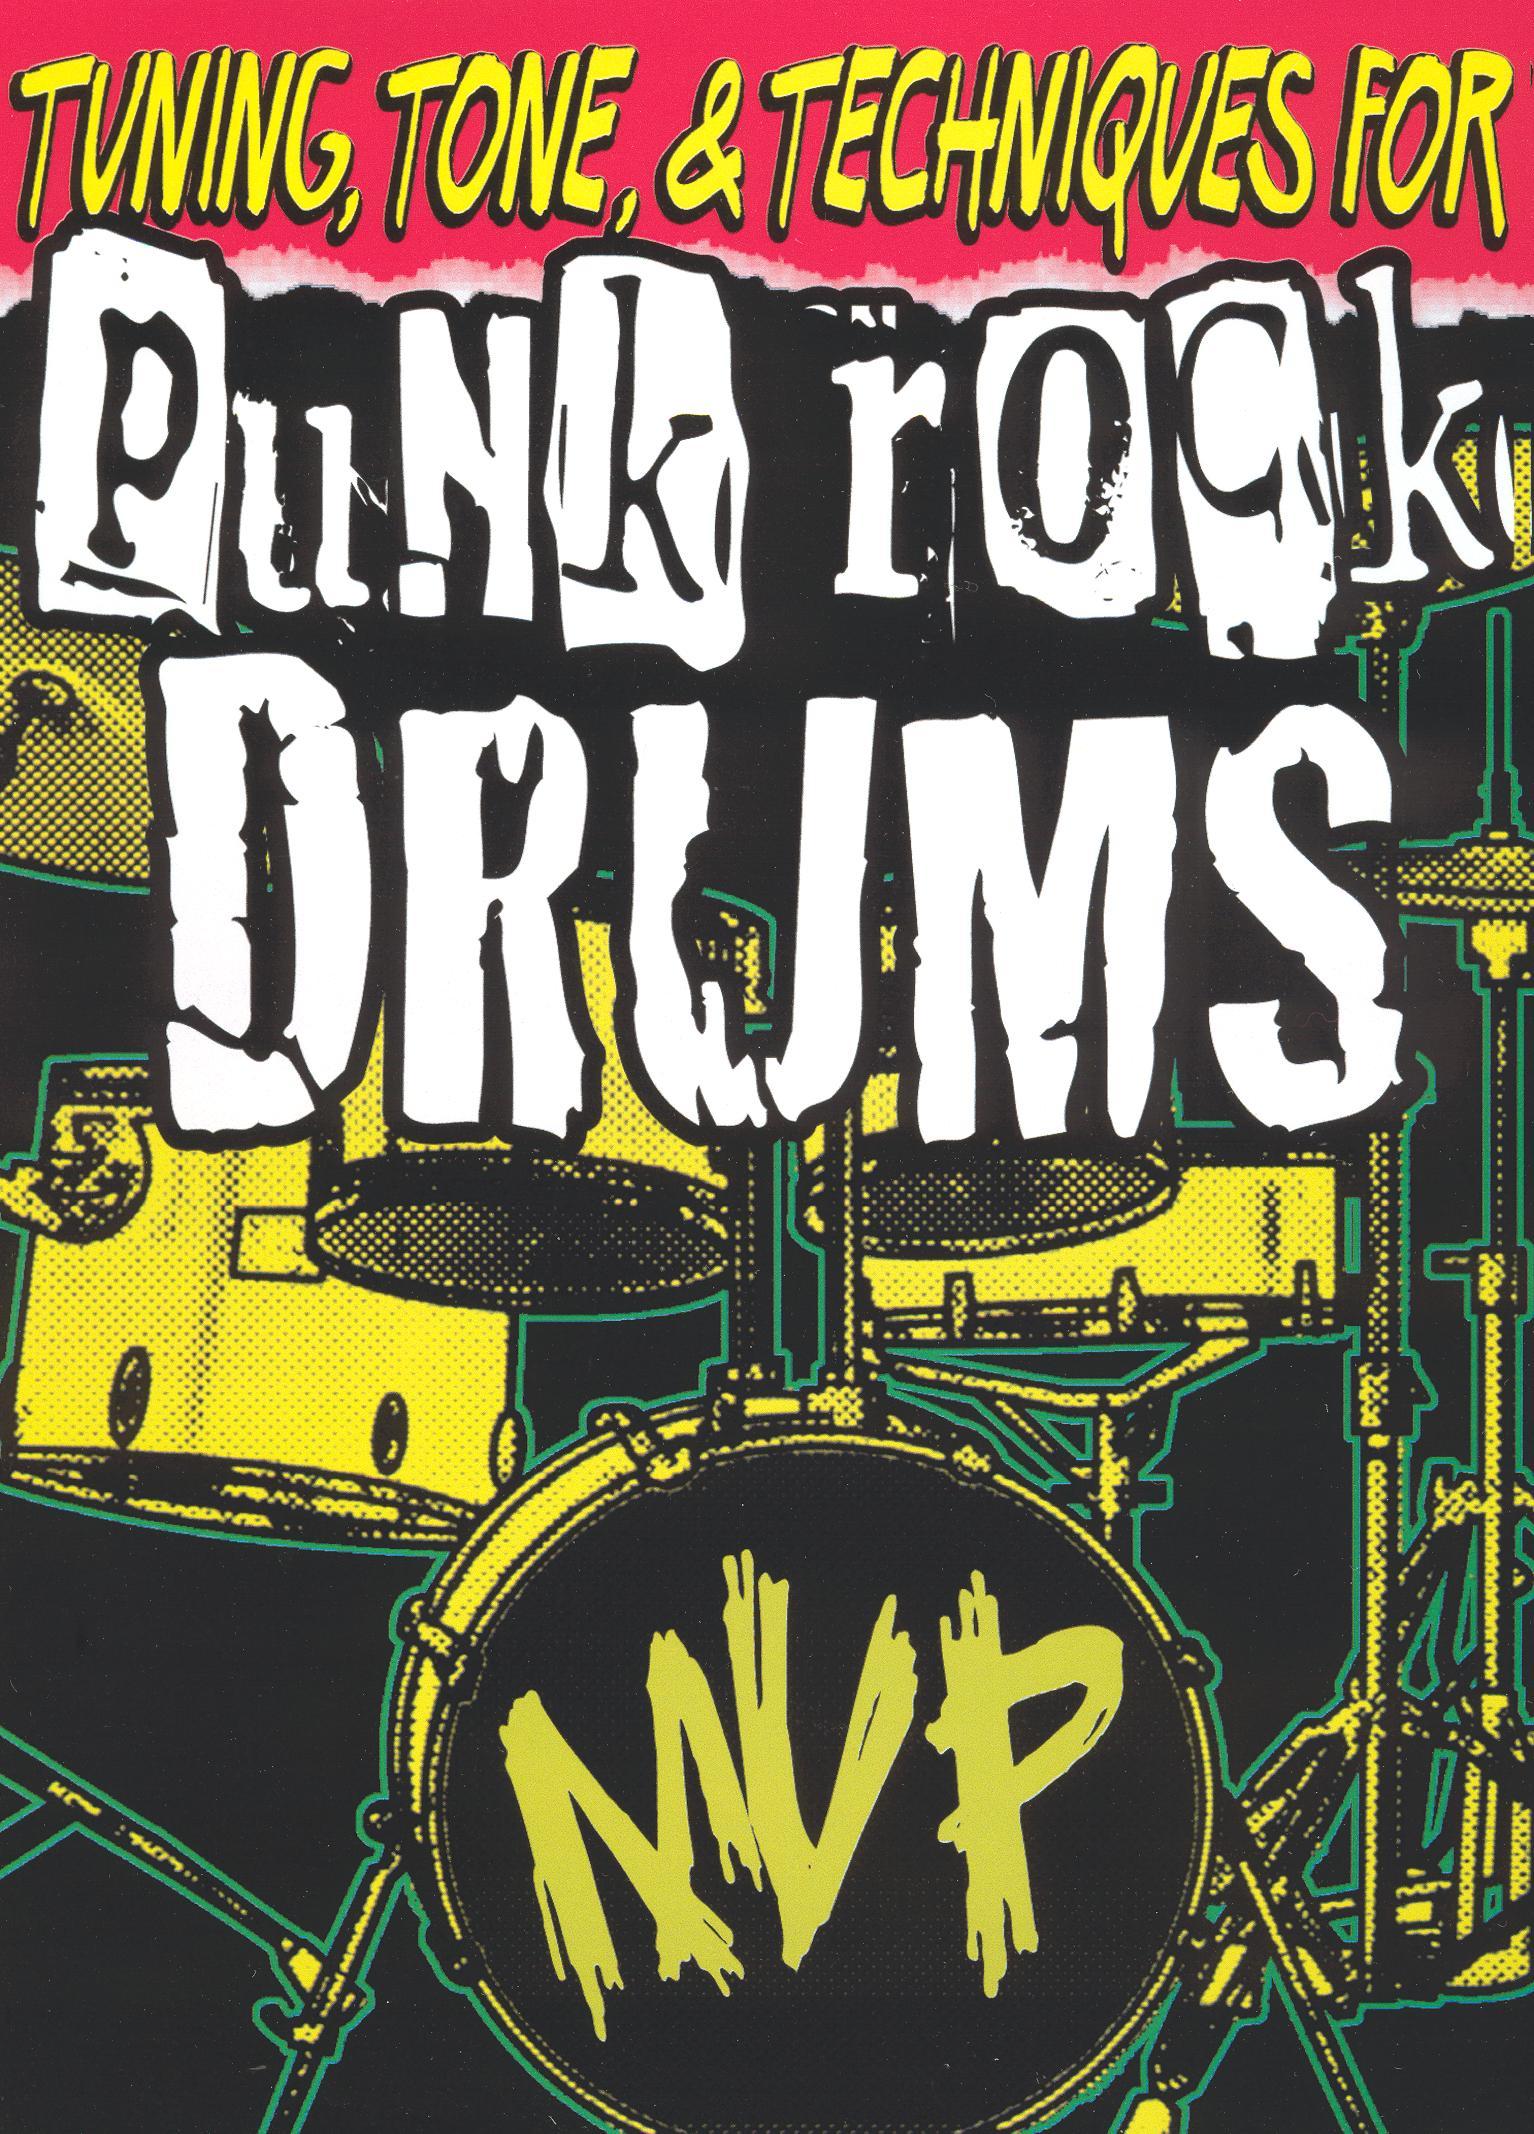 Hot Drum: Punk Rock Drums